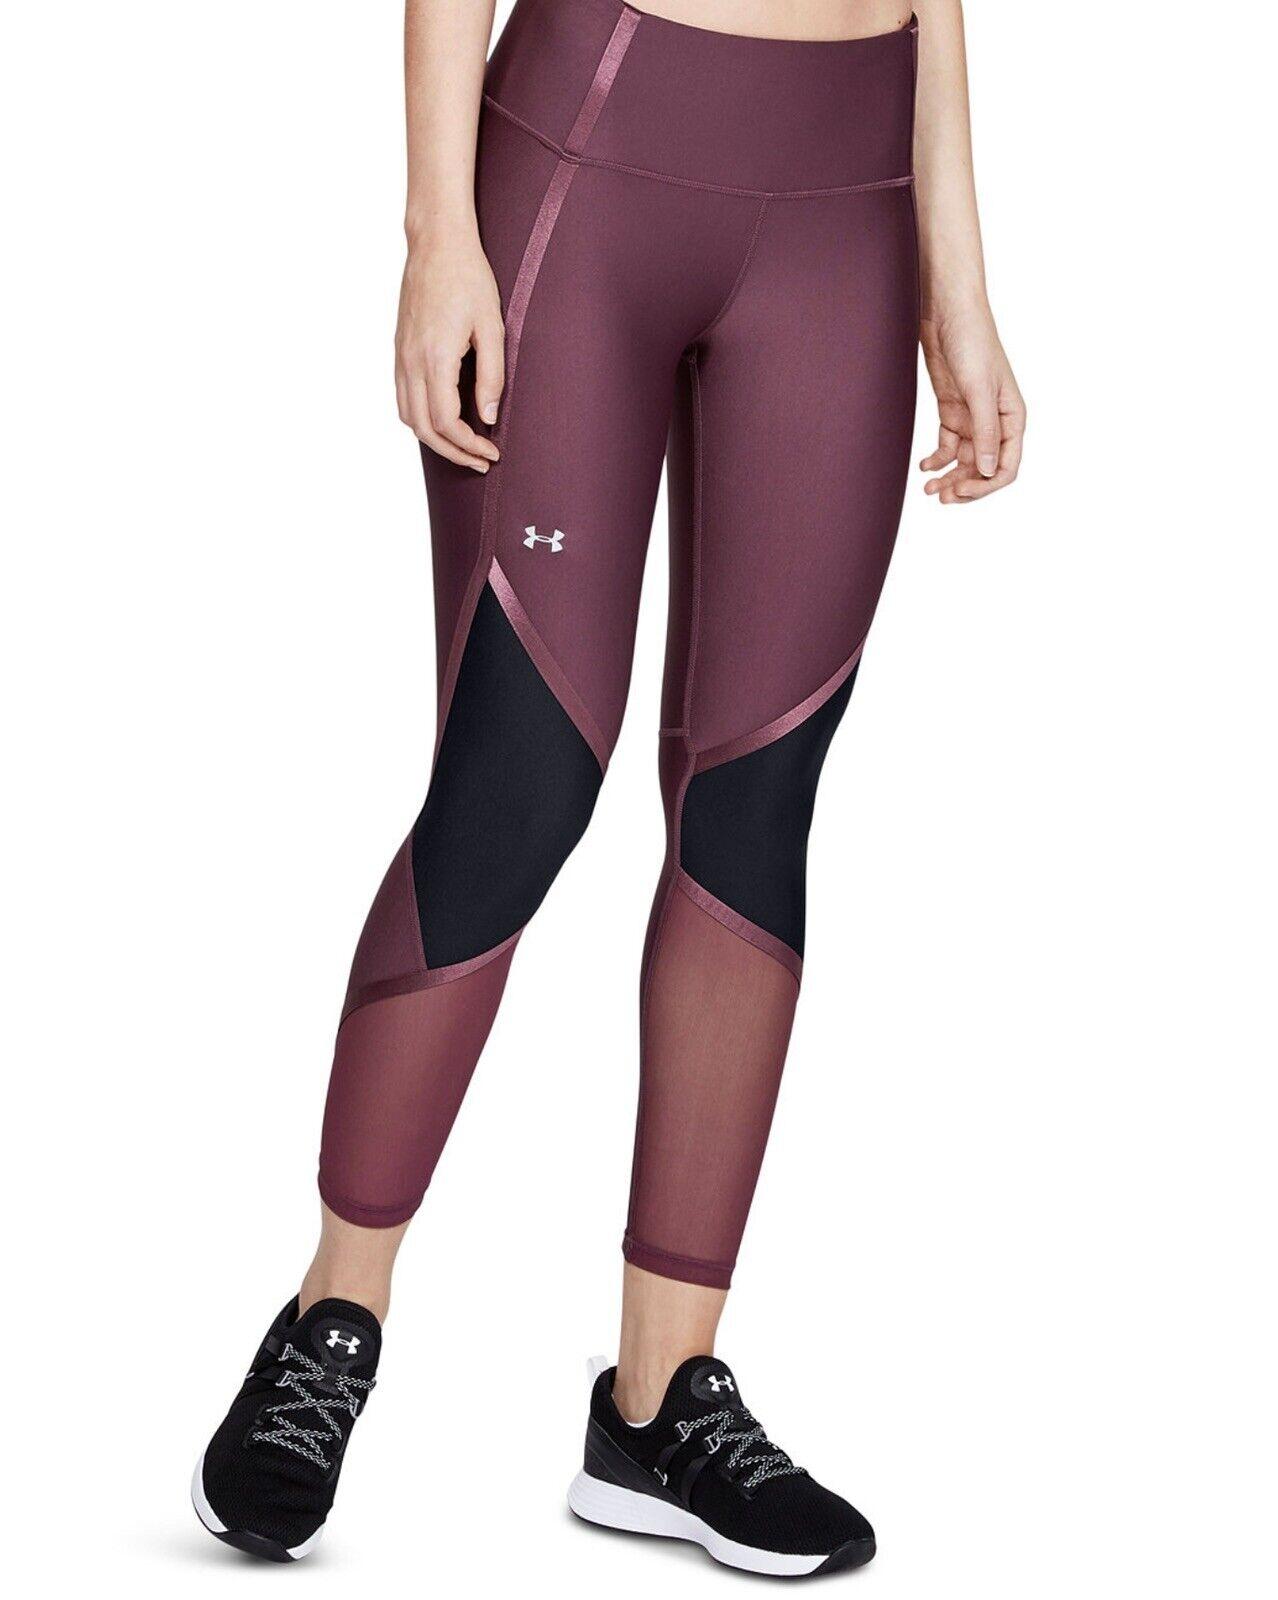 Under Armour Heatgear Women's Purple/Black Leggings. Size XS